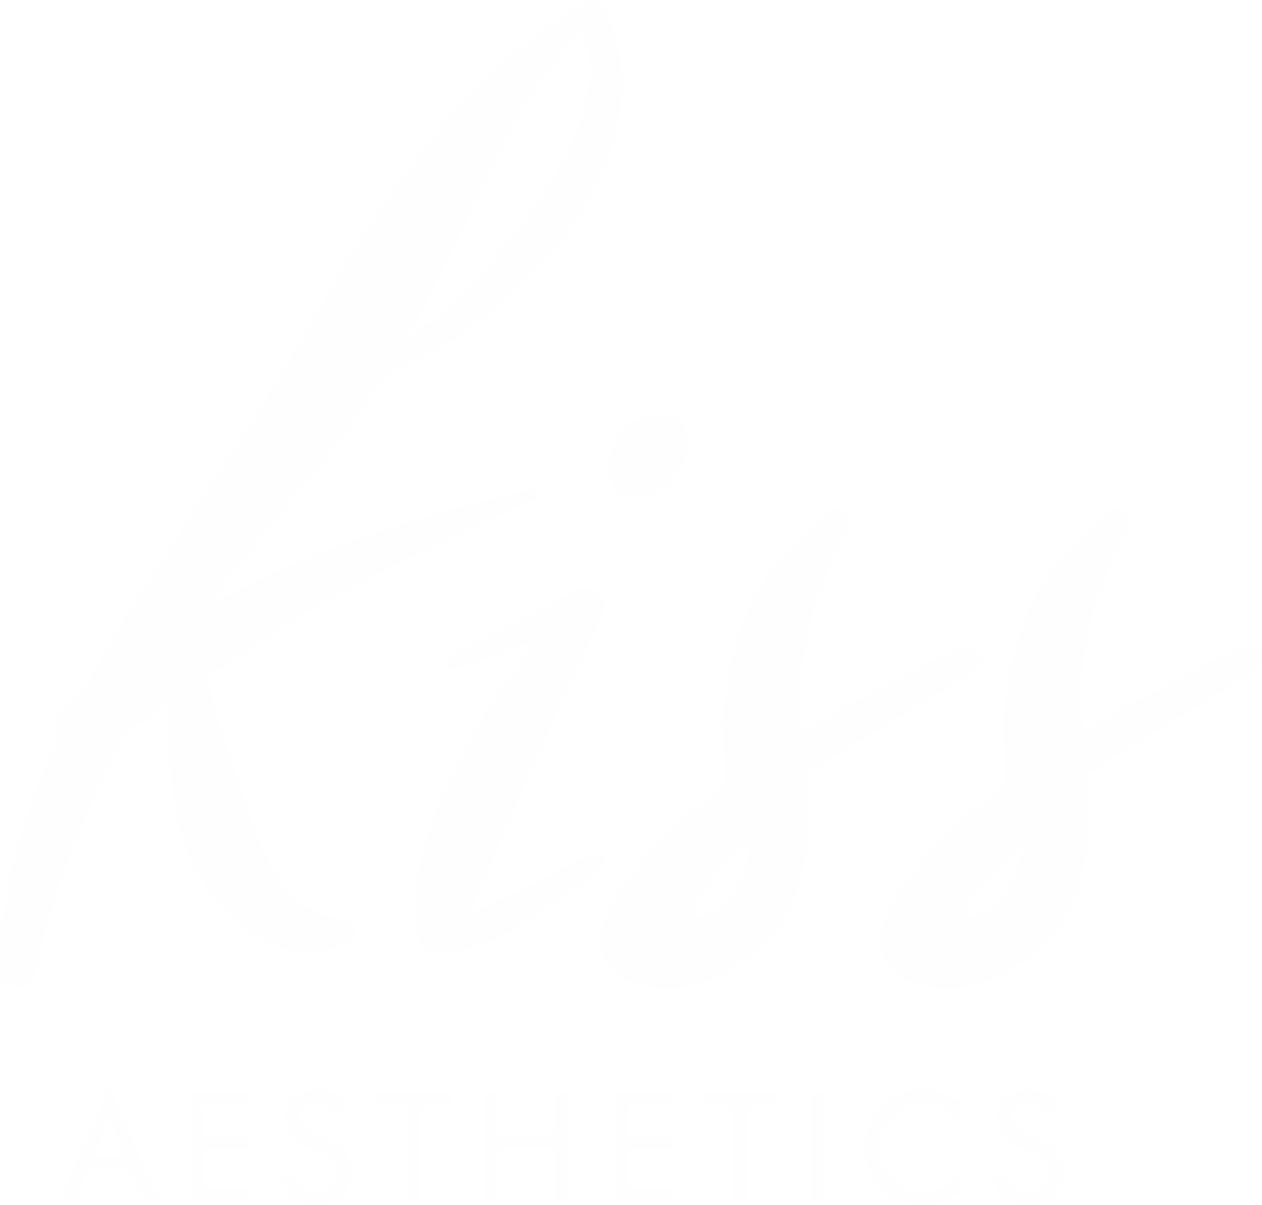 KISS-WEBSITE-logo